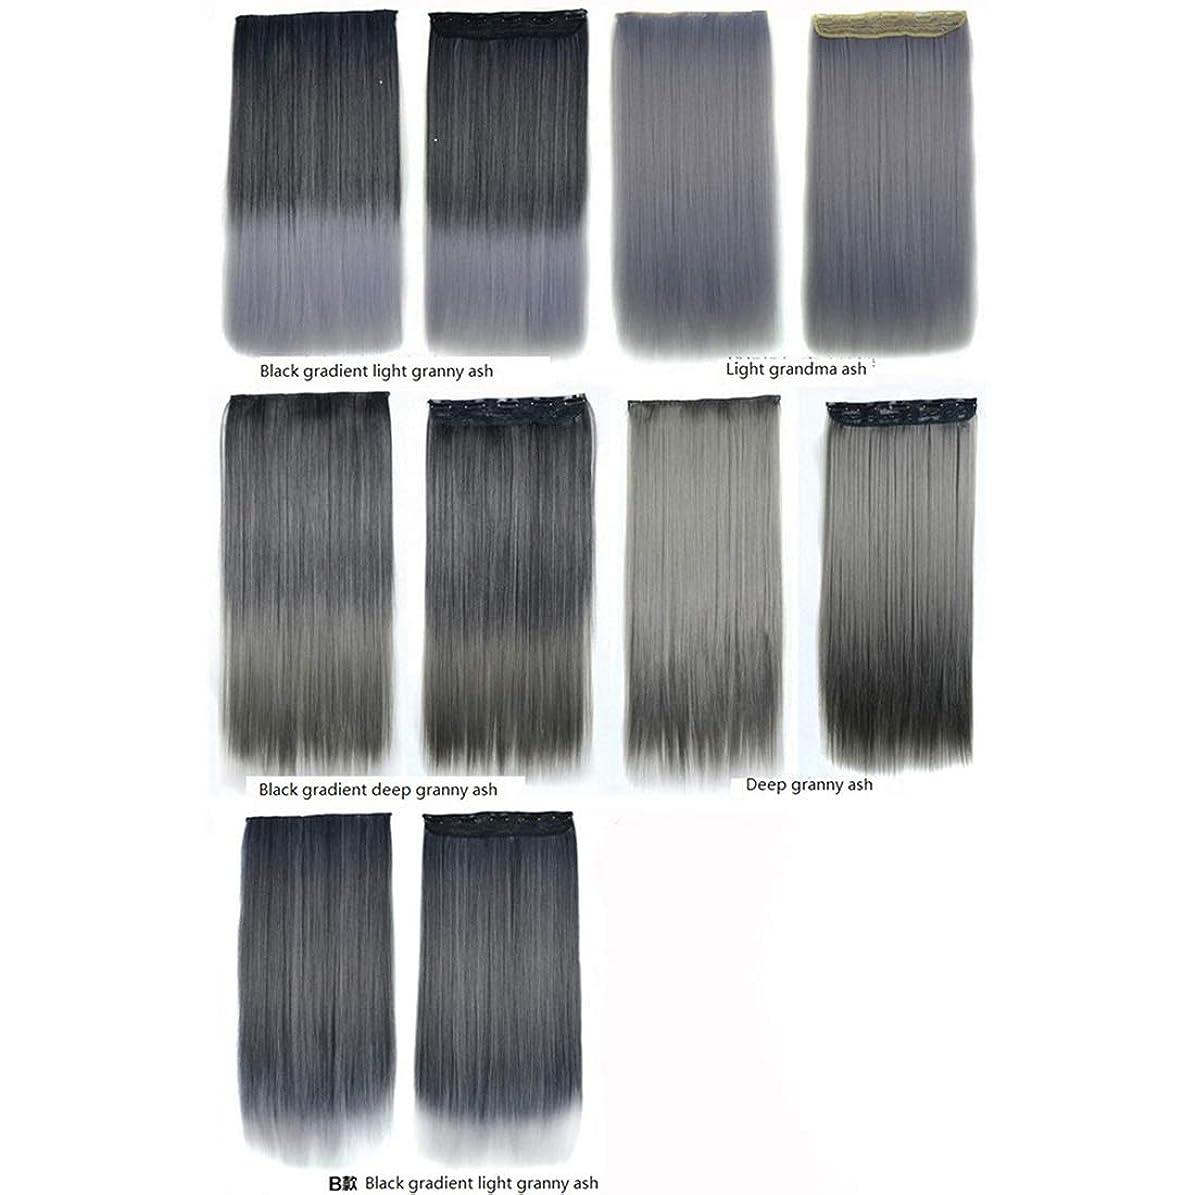 祭り普及深遠BOBIDYEE 60センチメートル人工毛エクステンション5クリップでヘアカラーグラデーションかつらワンピースロングストレートヘアピース複合ヘアレースかつらロールプレイングかつら (色 : Black gradient light granny ash)